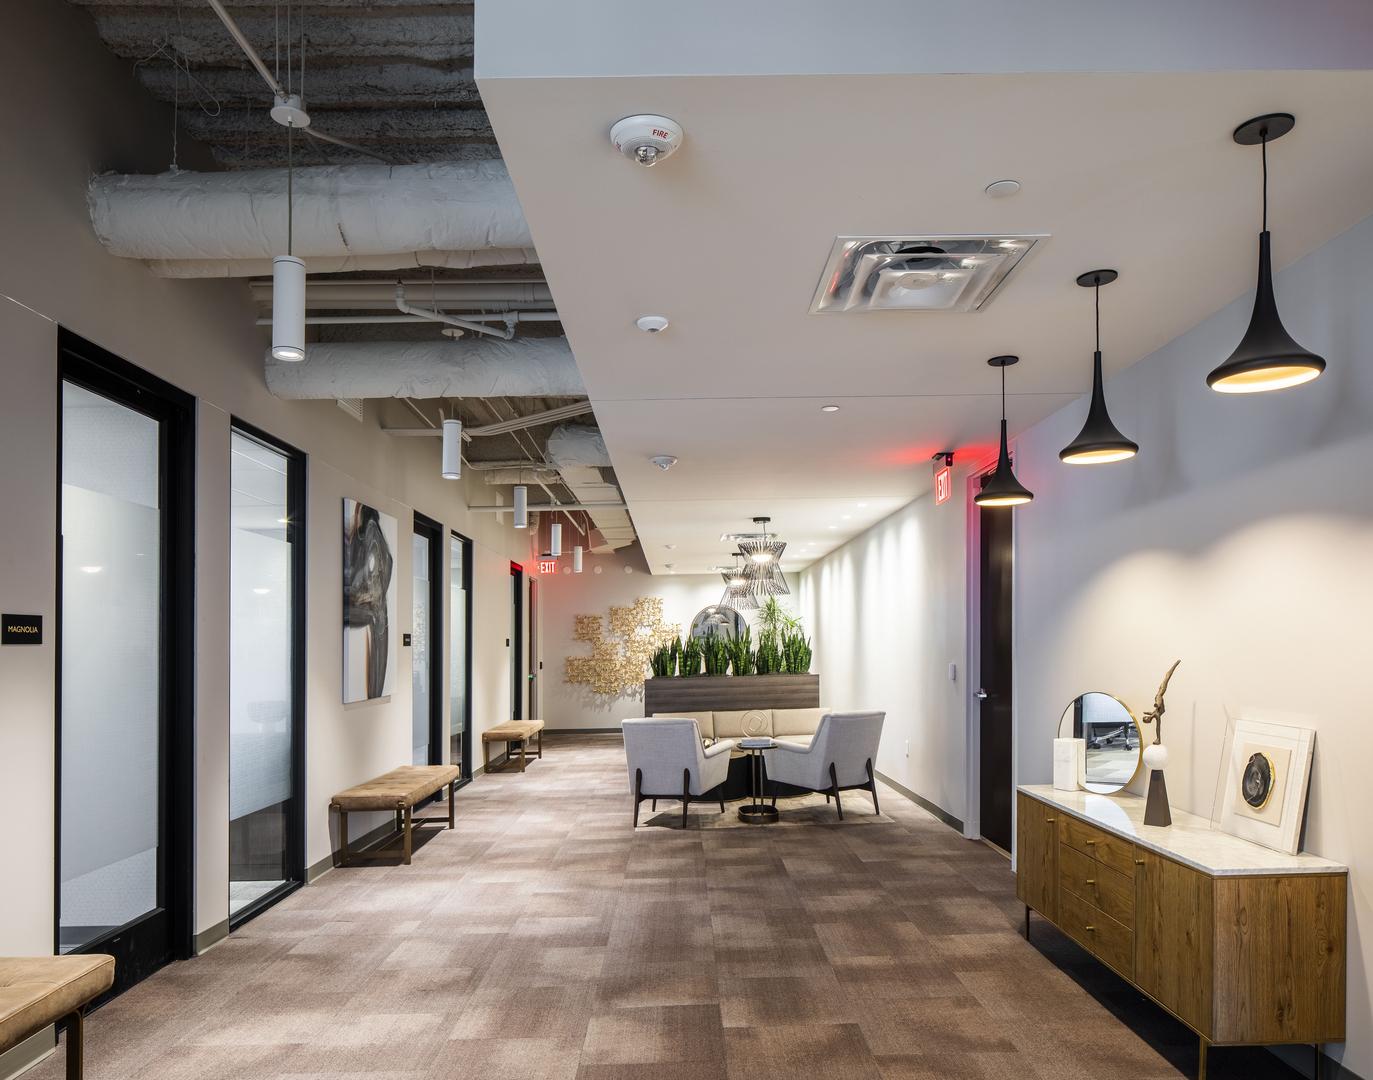 Campbell Van Dusen Design Studio Architecture Interior Design